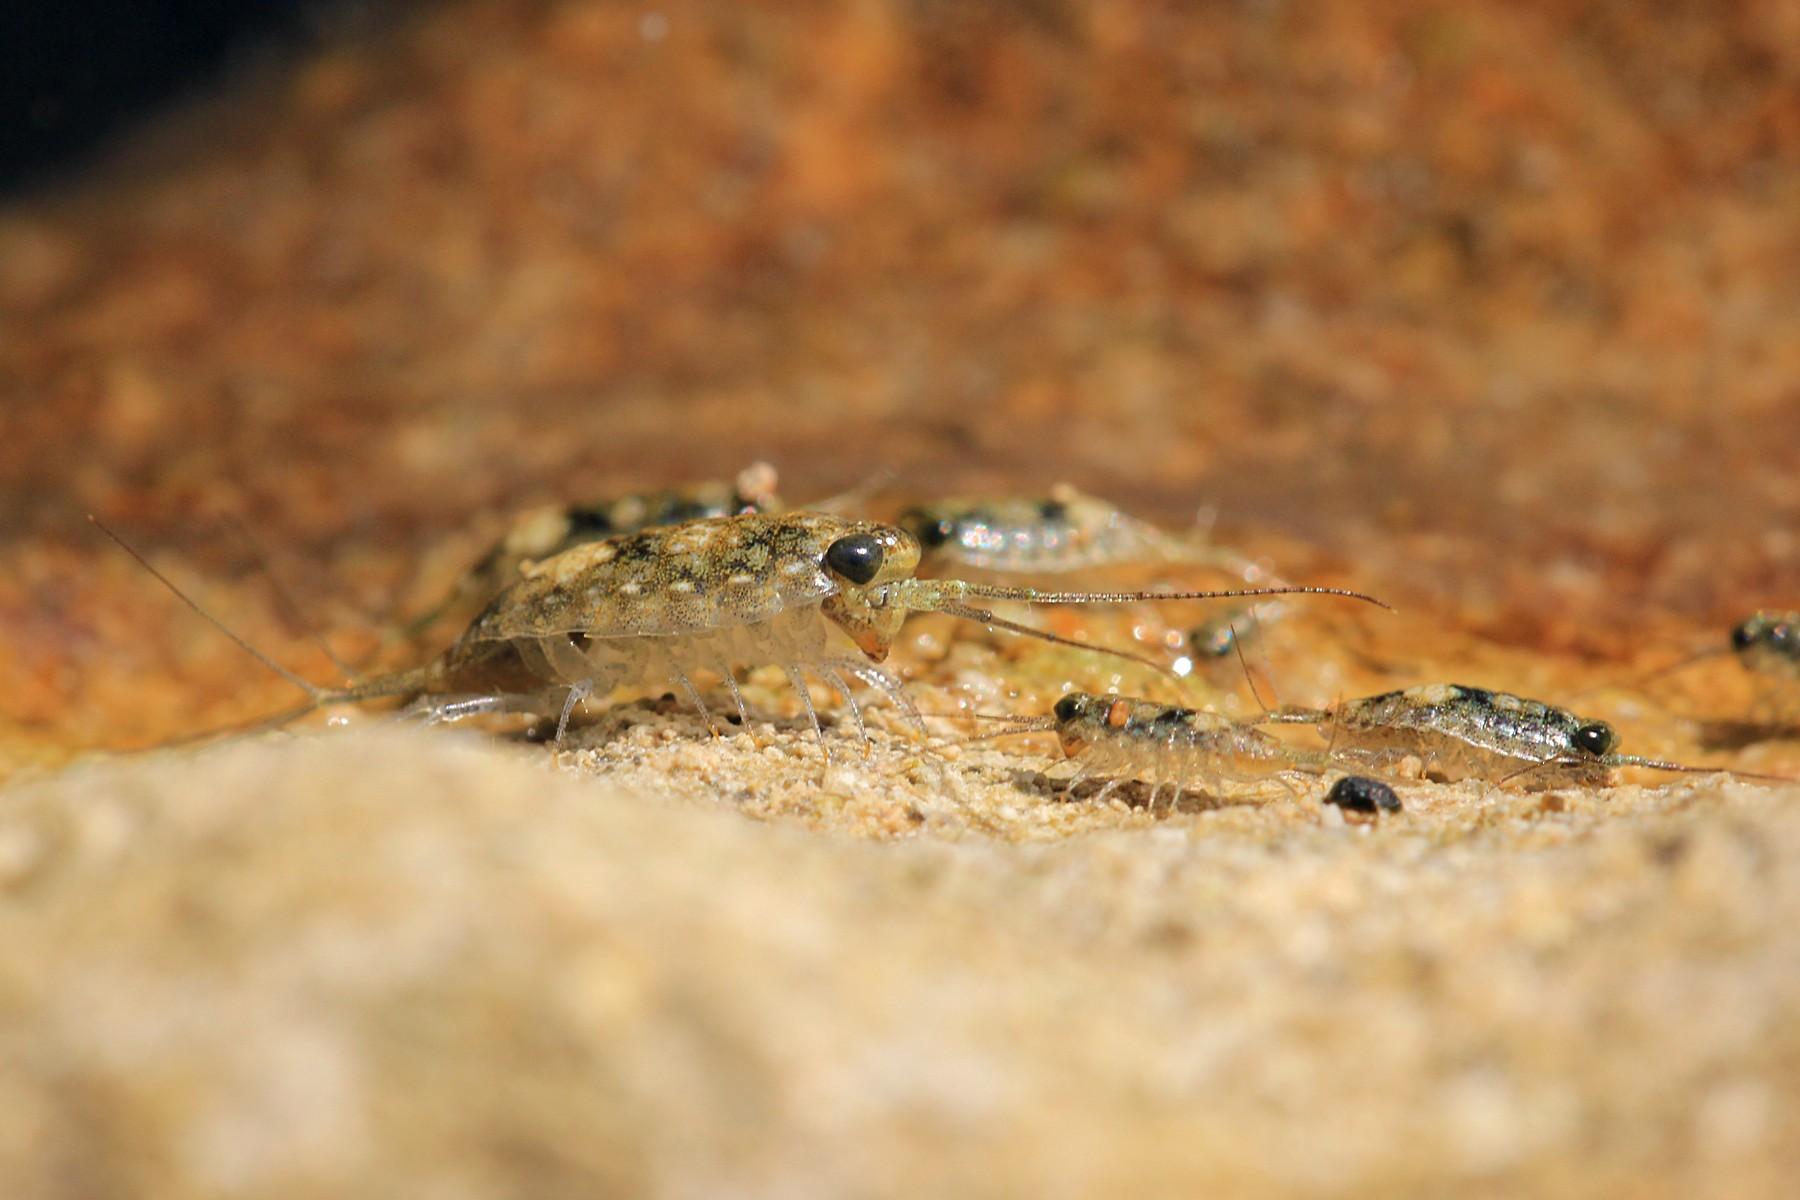 Морская блоха: внешний вид, среда обитания, особенности питания и размножения, фото